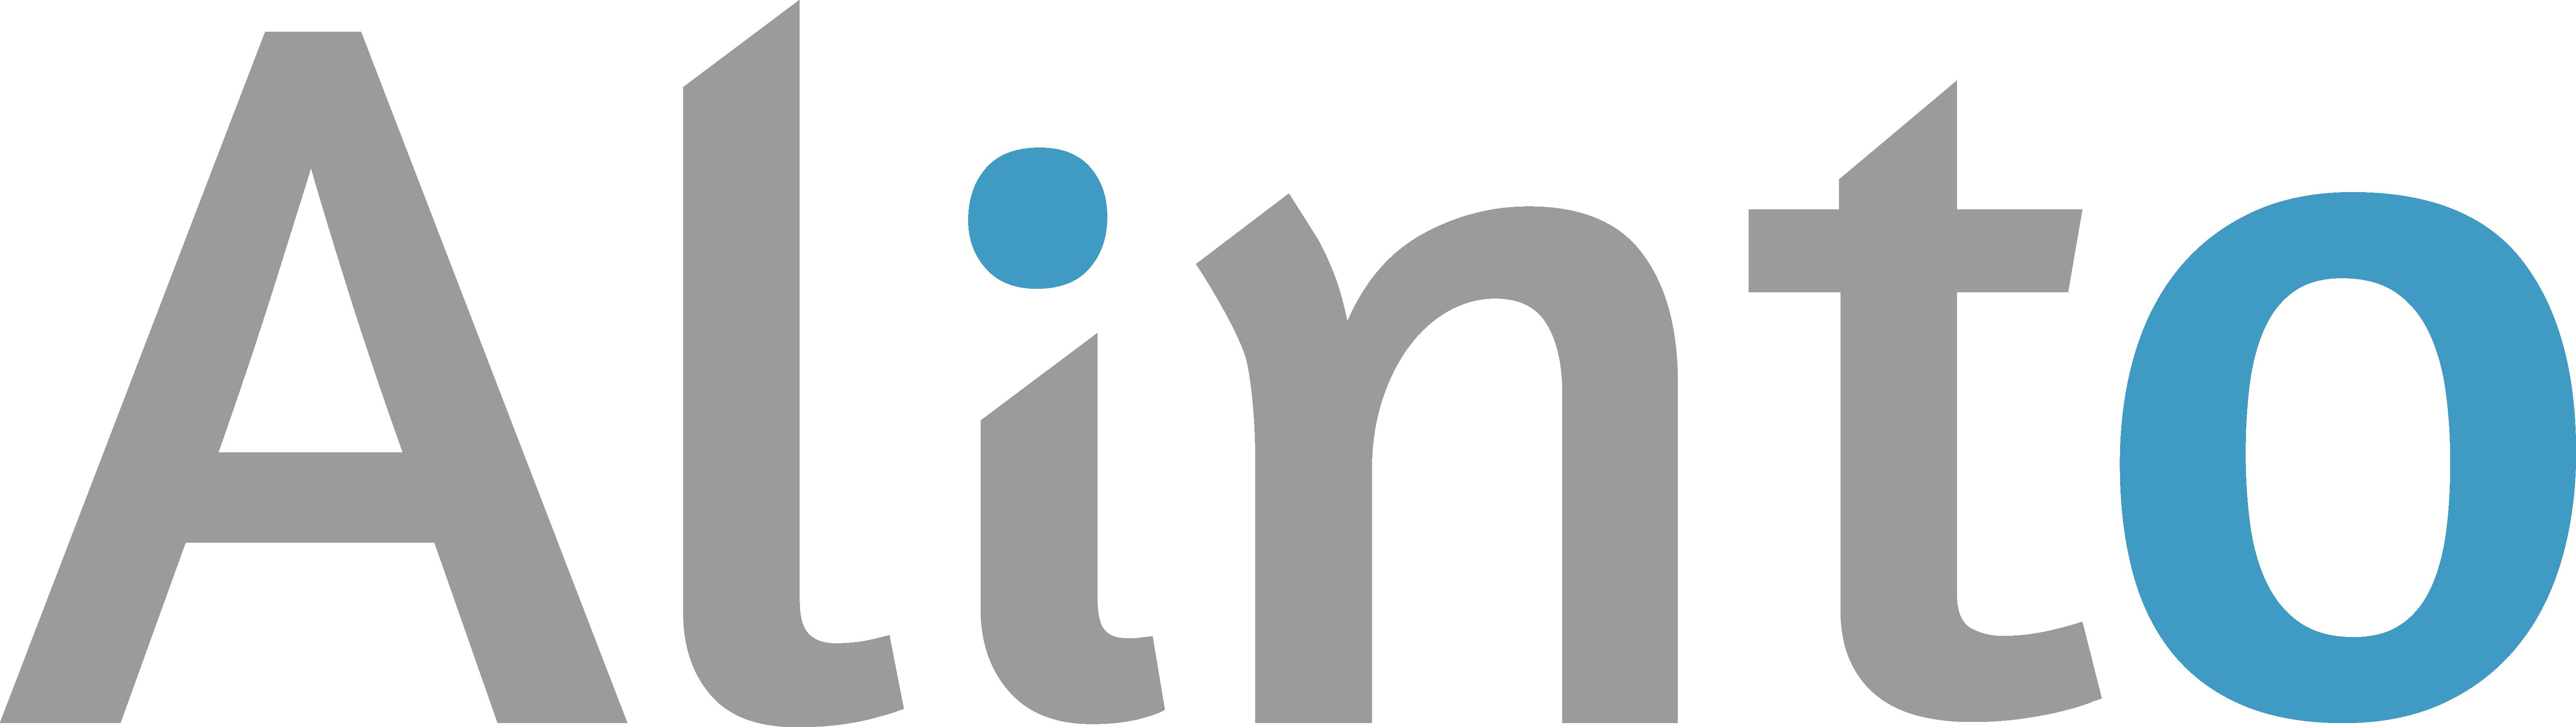 alinto_logo